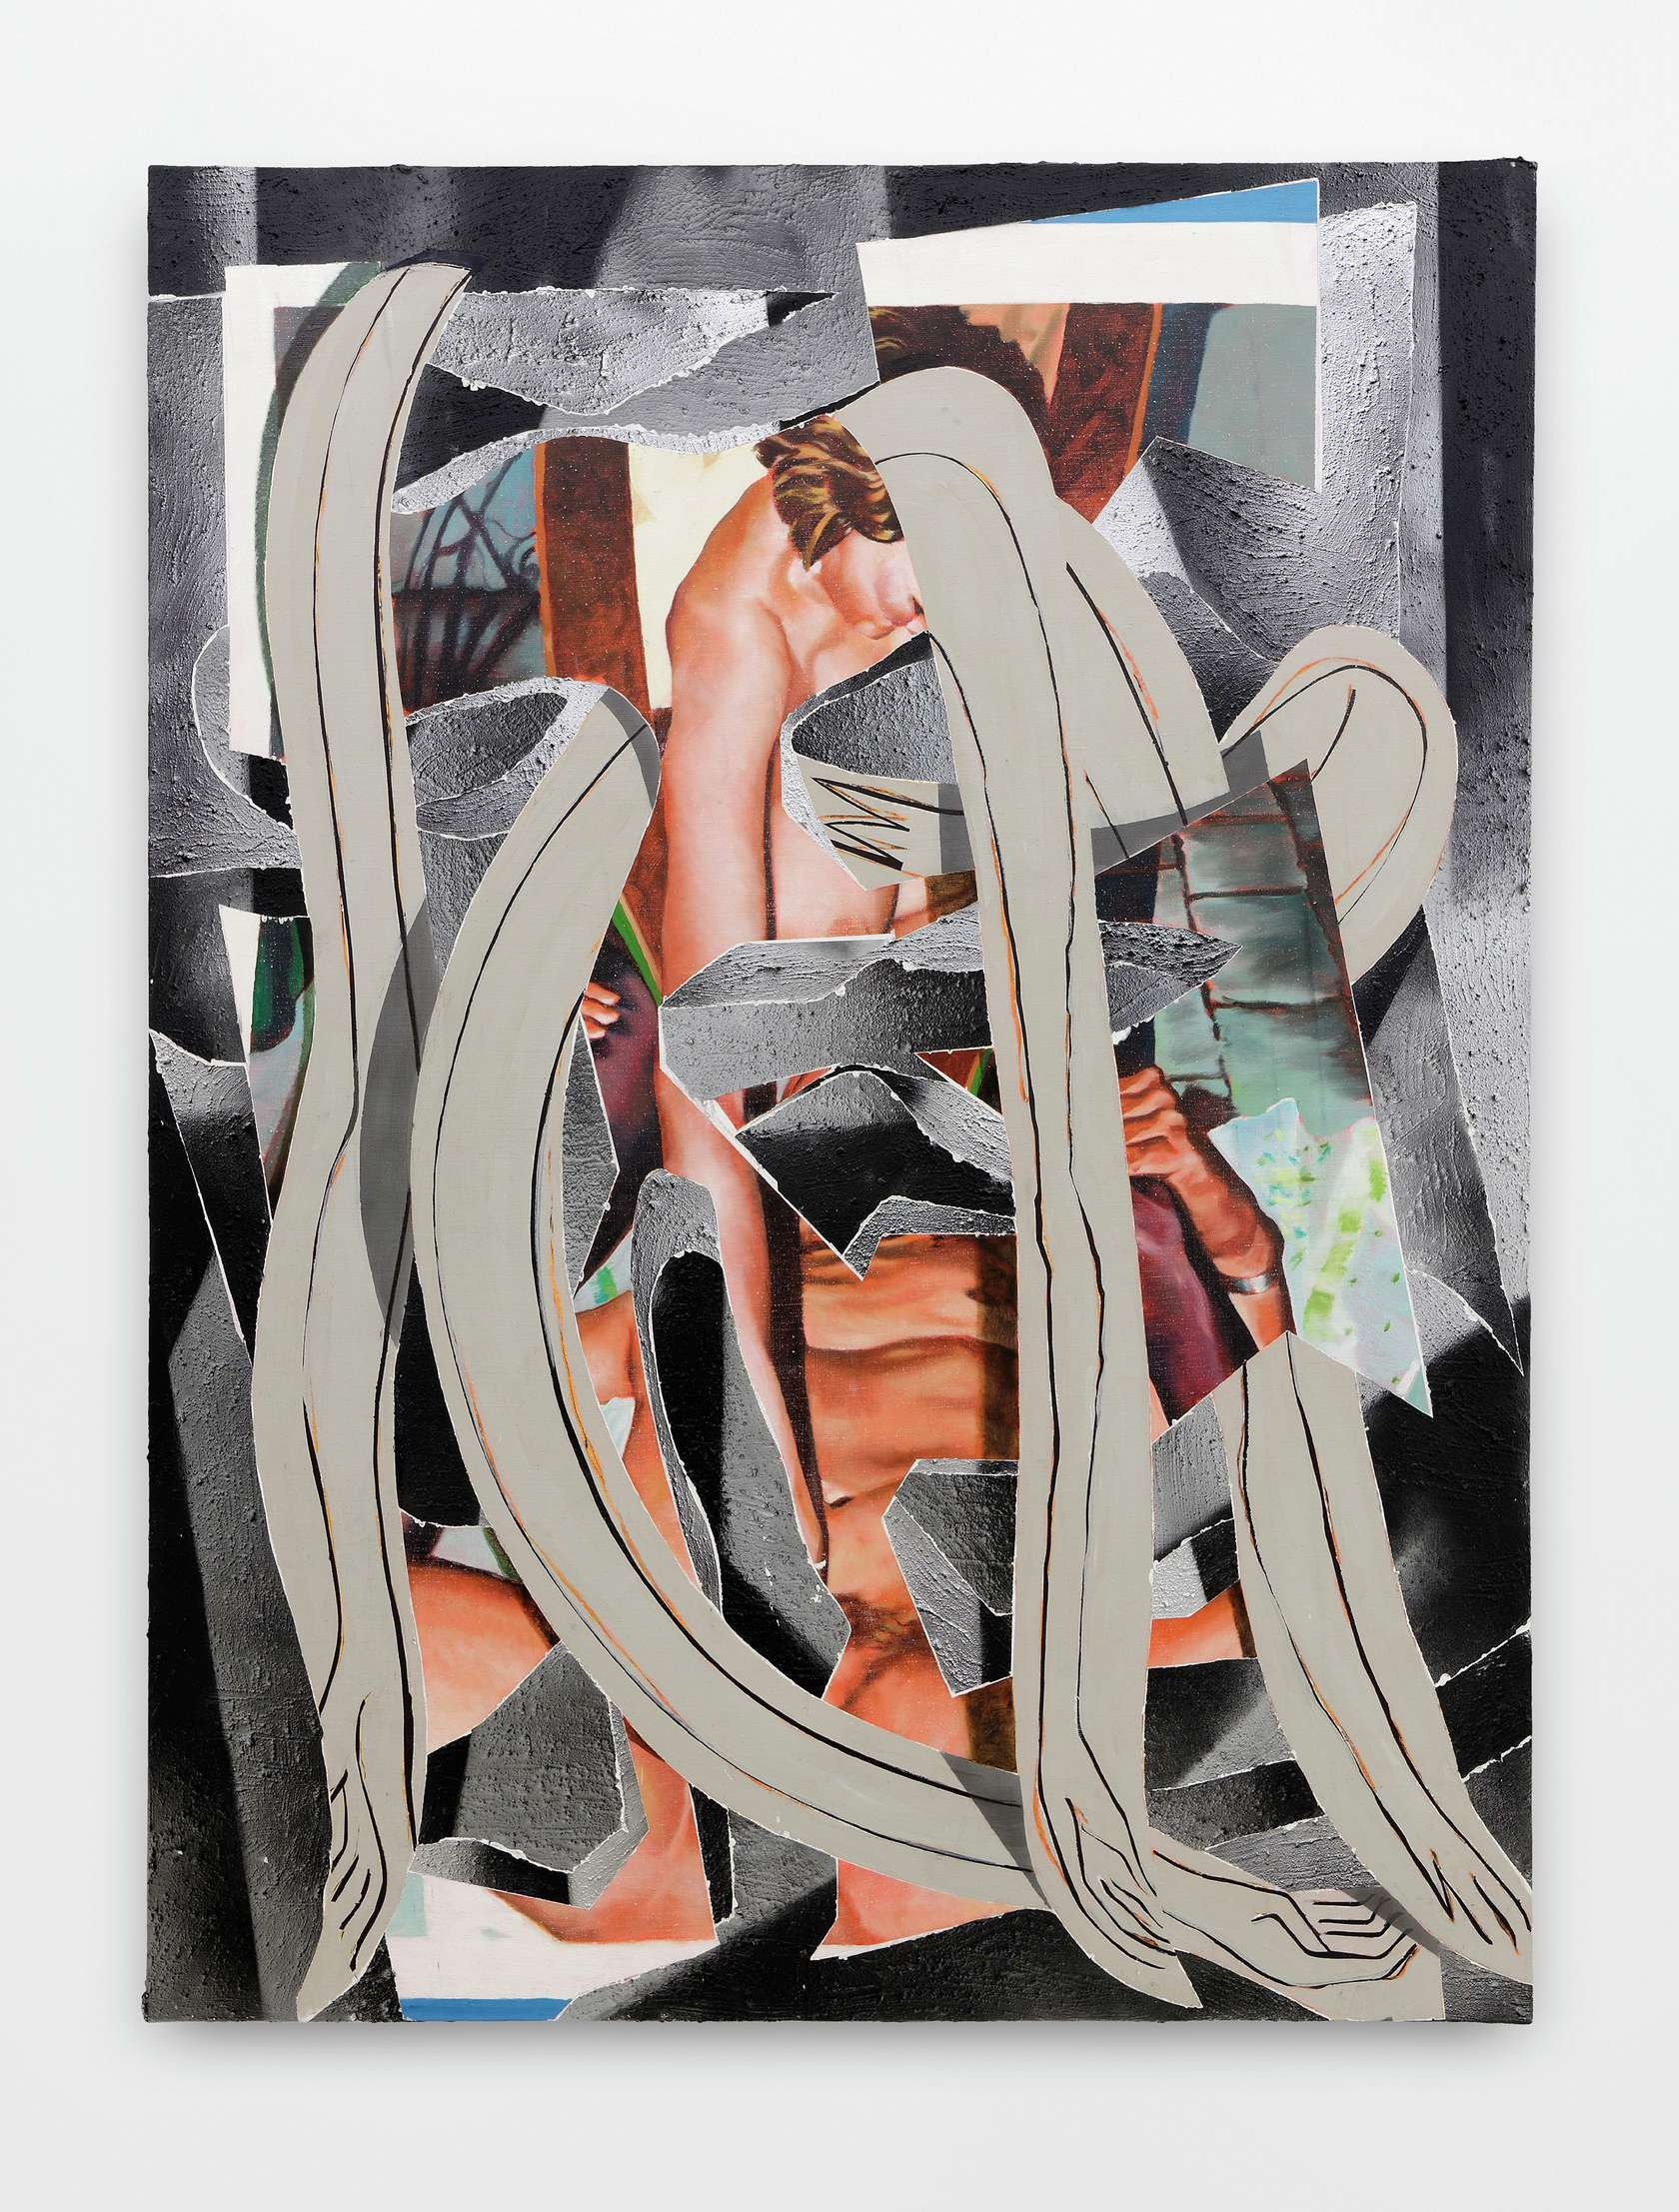 Laurent Proux, Couple I, 2016 Huile sur toile174 × 130 cm / 68 1/2 × 51 1/8 in.